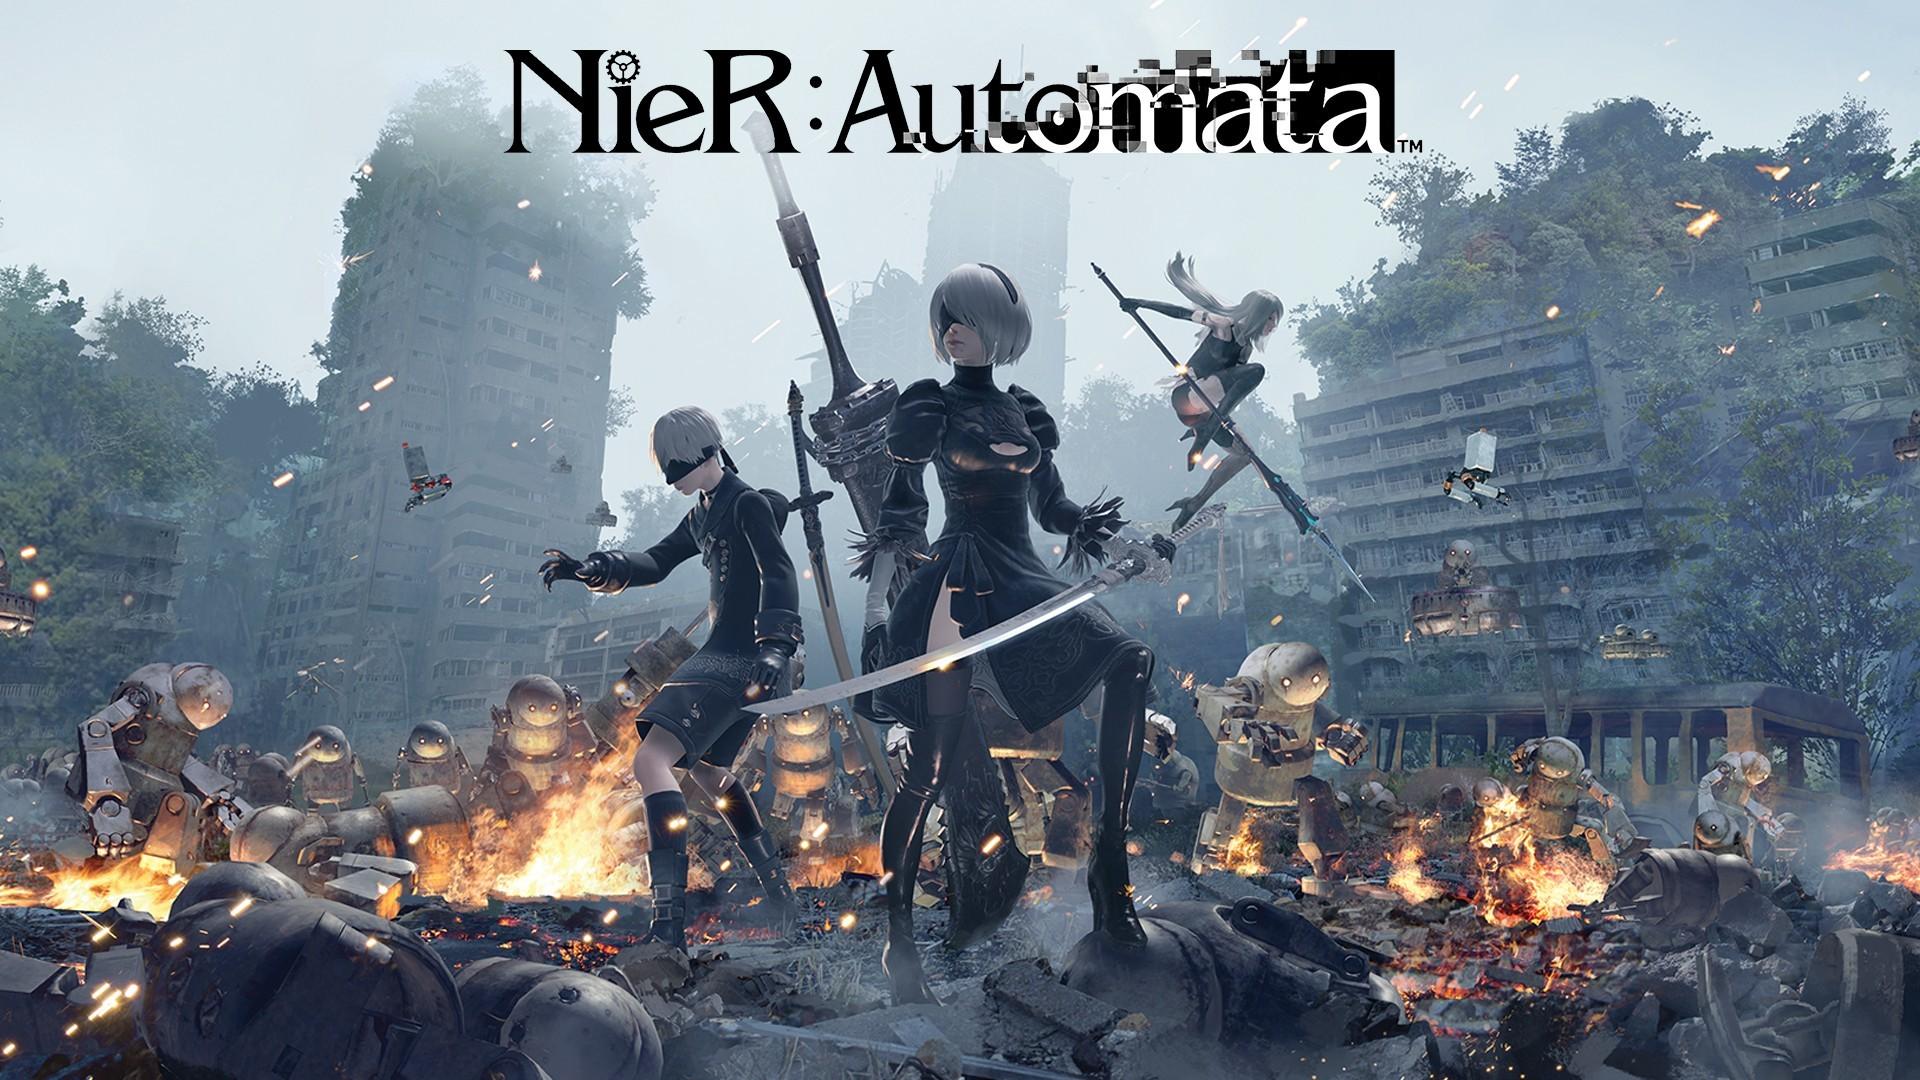 หากพูดถึงเกม NieR:Automata™ หลายคนคงจะนึกถึง ภาพตัวละครเอกภายในเกมซึ่งเป็นผู้หญิง ที่มีความน่ารักคล้ายกับตัวการ์ตูนในอนิเมชั่นญี่ปุ่น